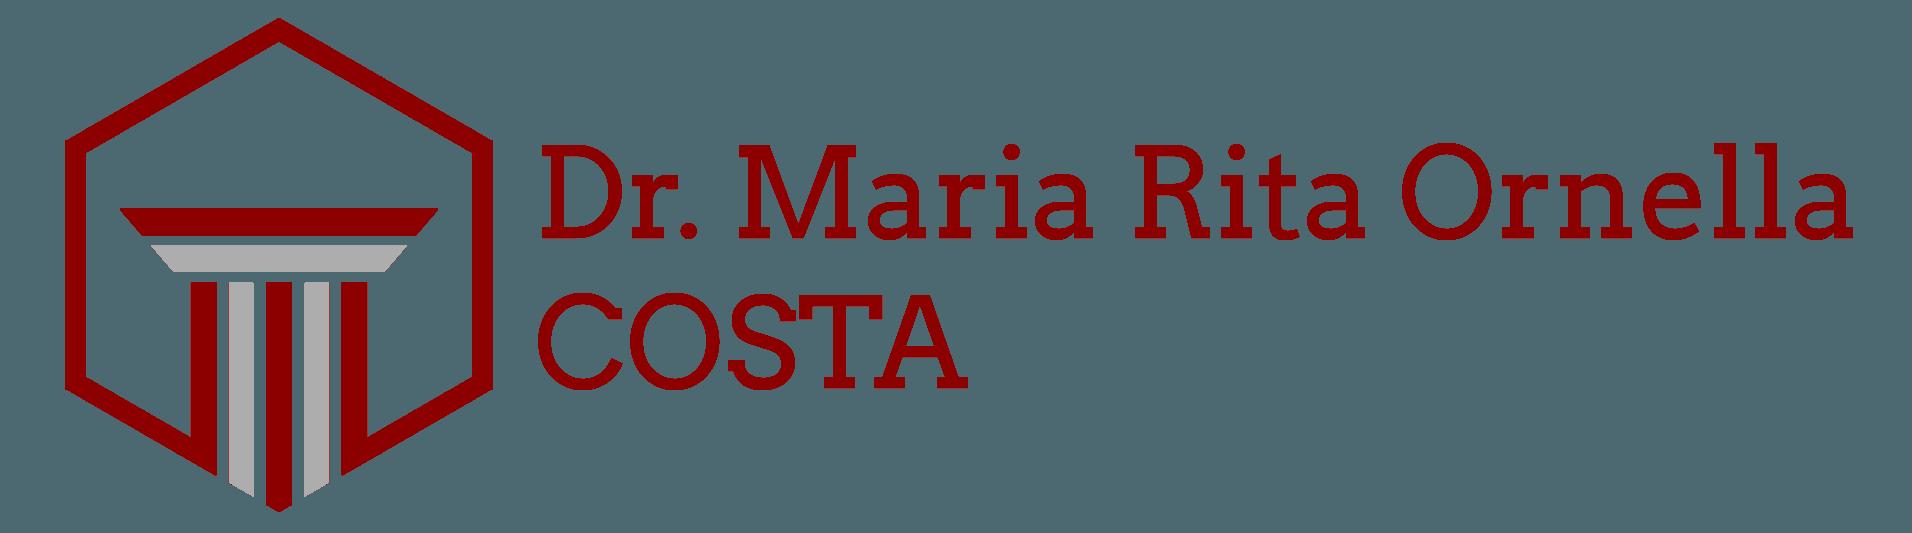 avv. costa ornella